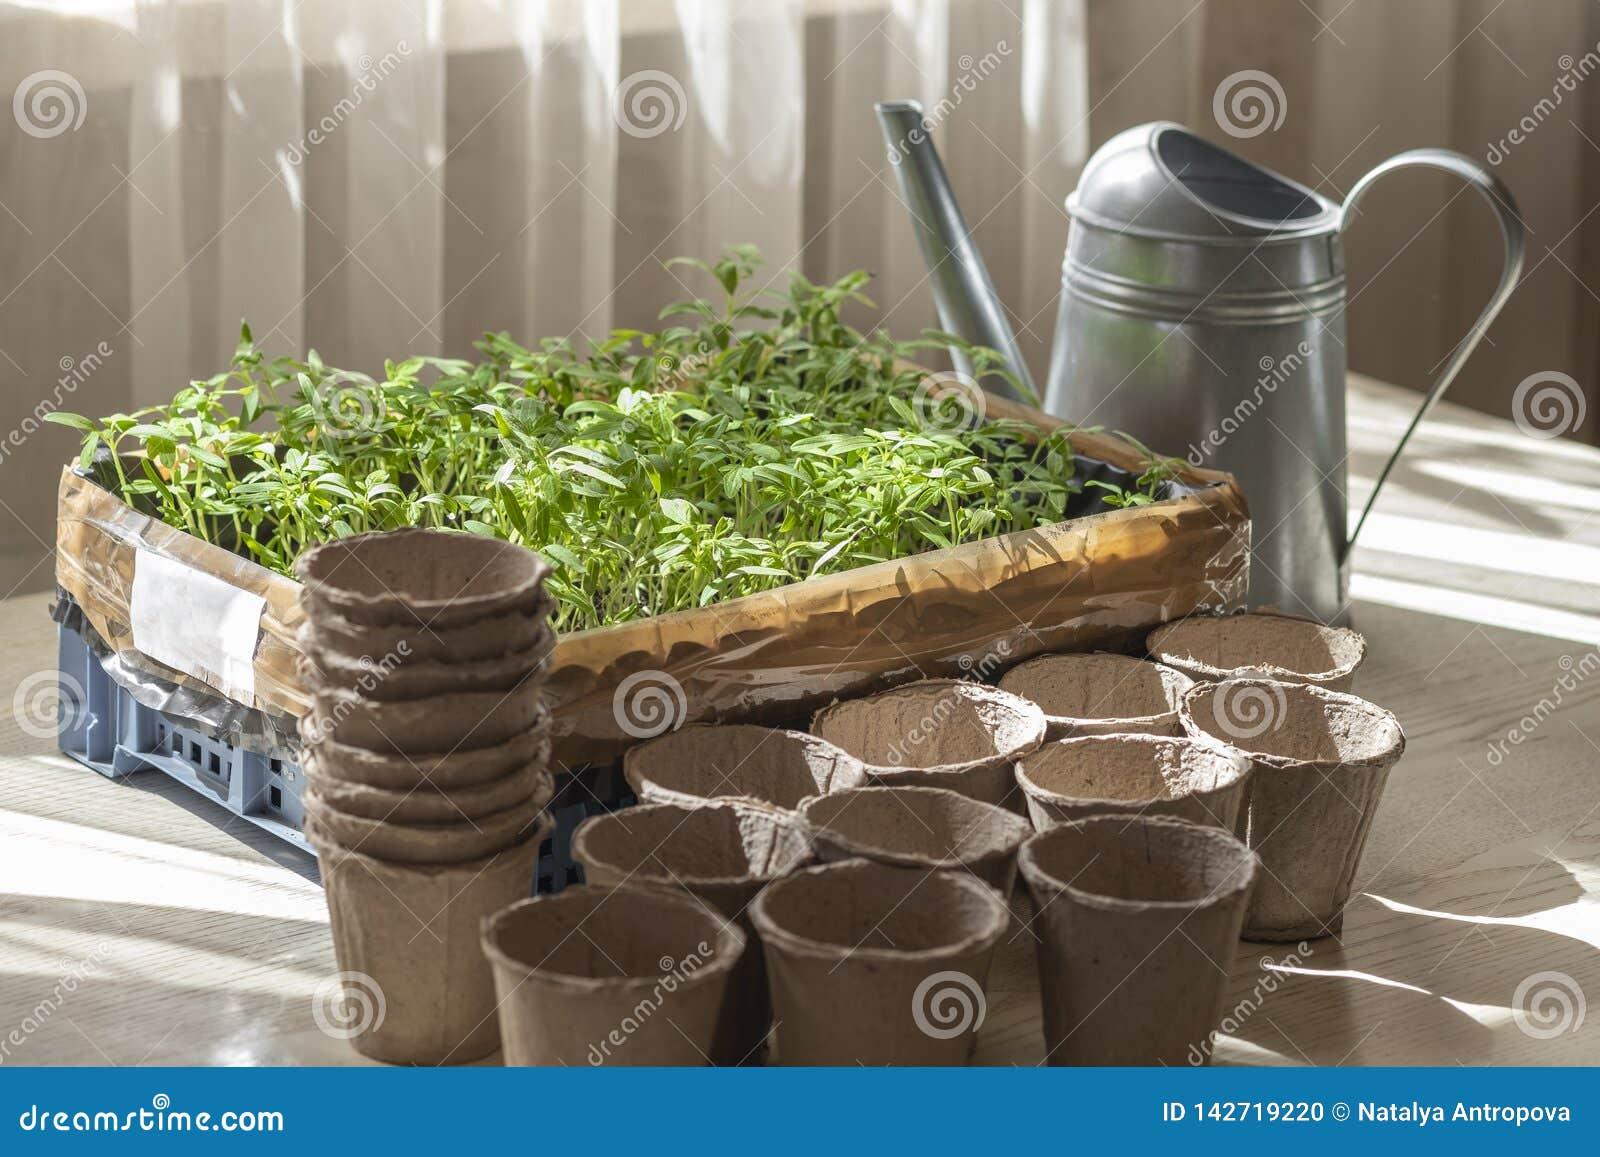 Przygotowanie dla zasadzać pomidorowe rozsady, pudełko z rozsadami, torfowiskową filiżankę i podlewanie puszkę,